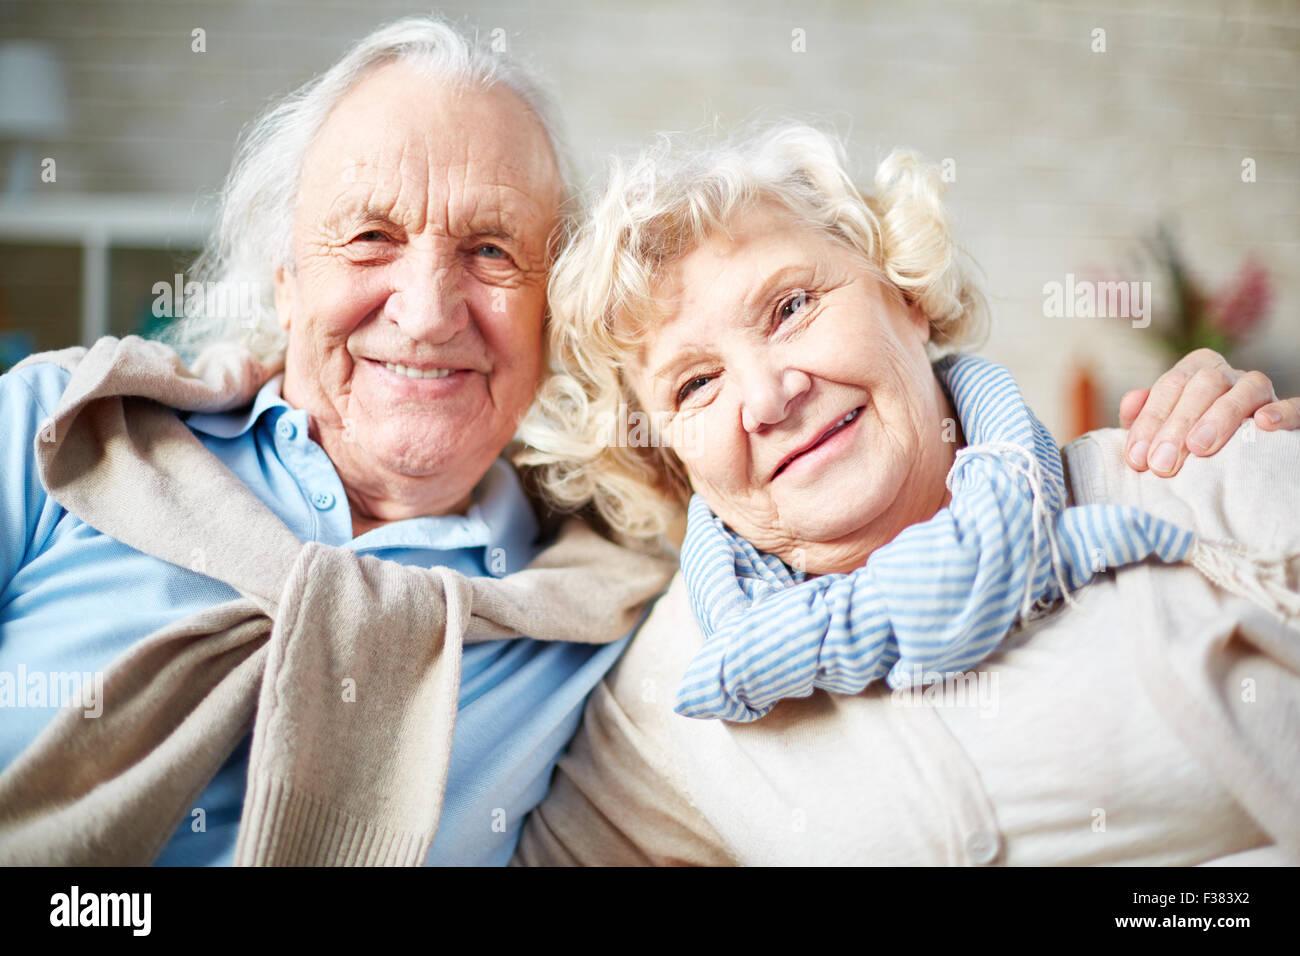 Affettuosa coppia di anziani guardando la telecamera con un sorriso Immagini Stock